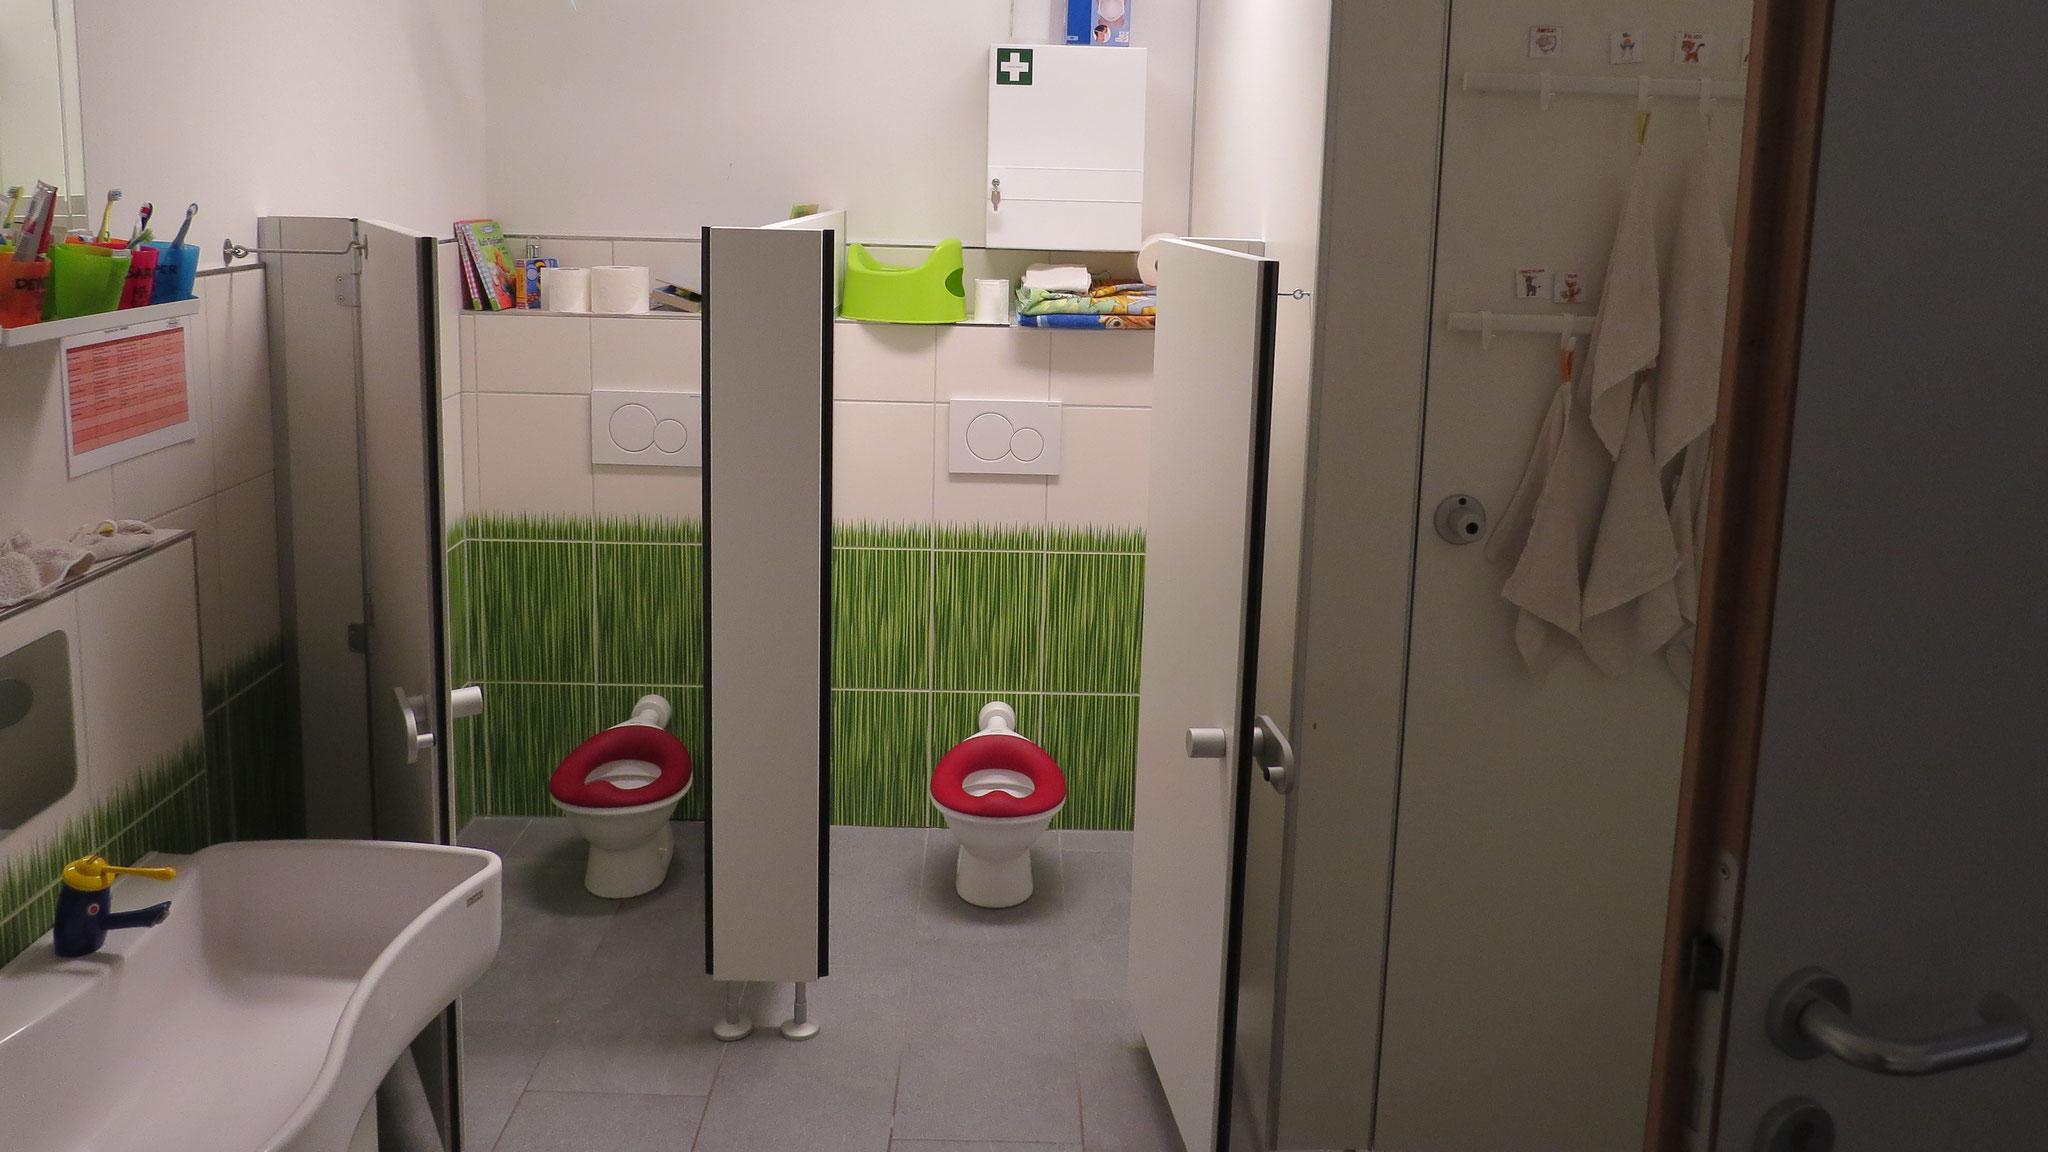 Kinder-WCs im Kinderbad